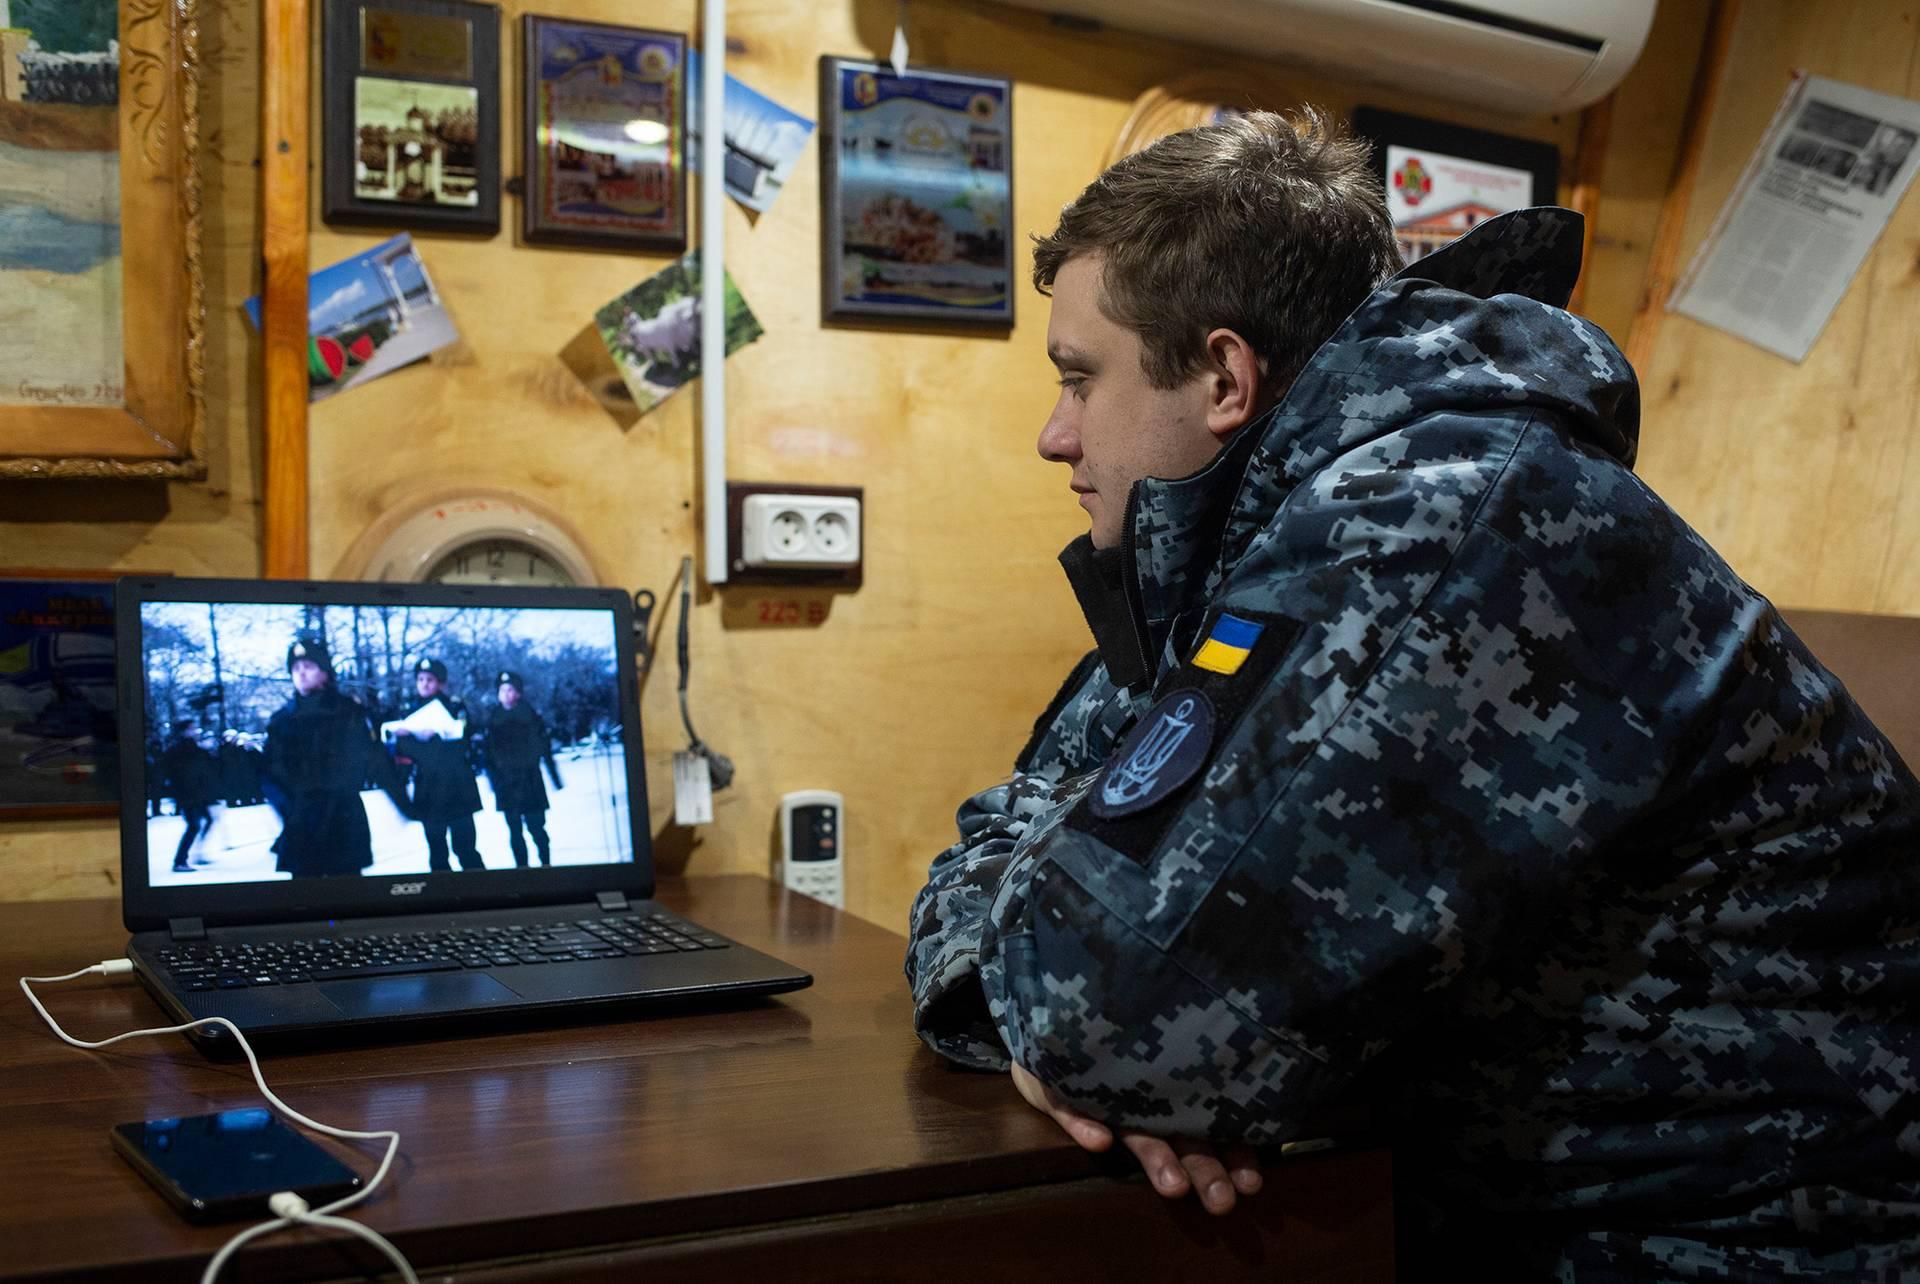 Командир катера «Гола пристань» Павло Гладченко у каюті передивляється відео 2014 року, Одеса, 1 березня 2019 року